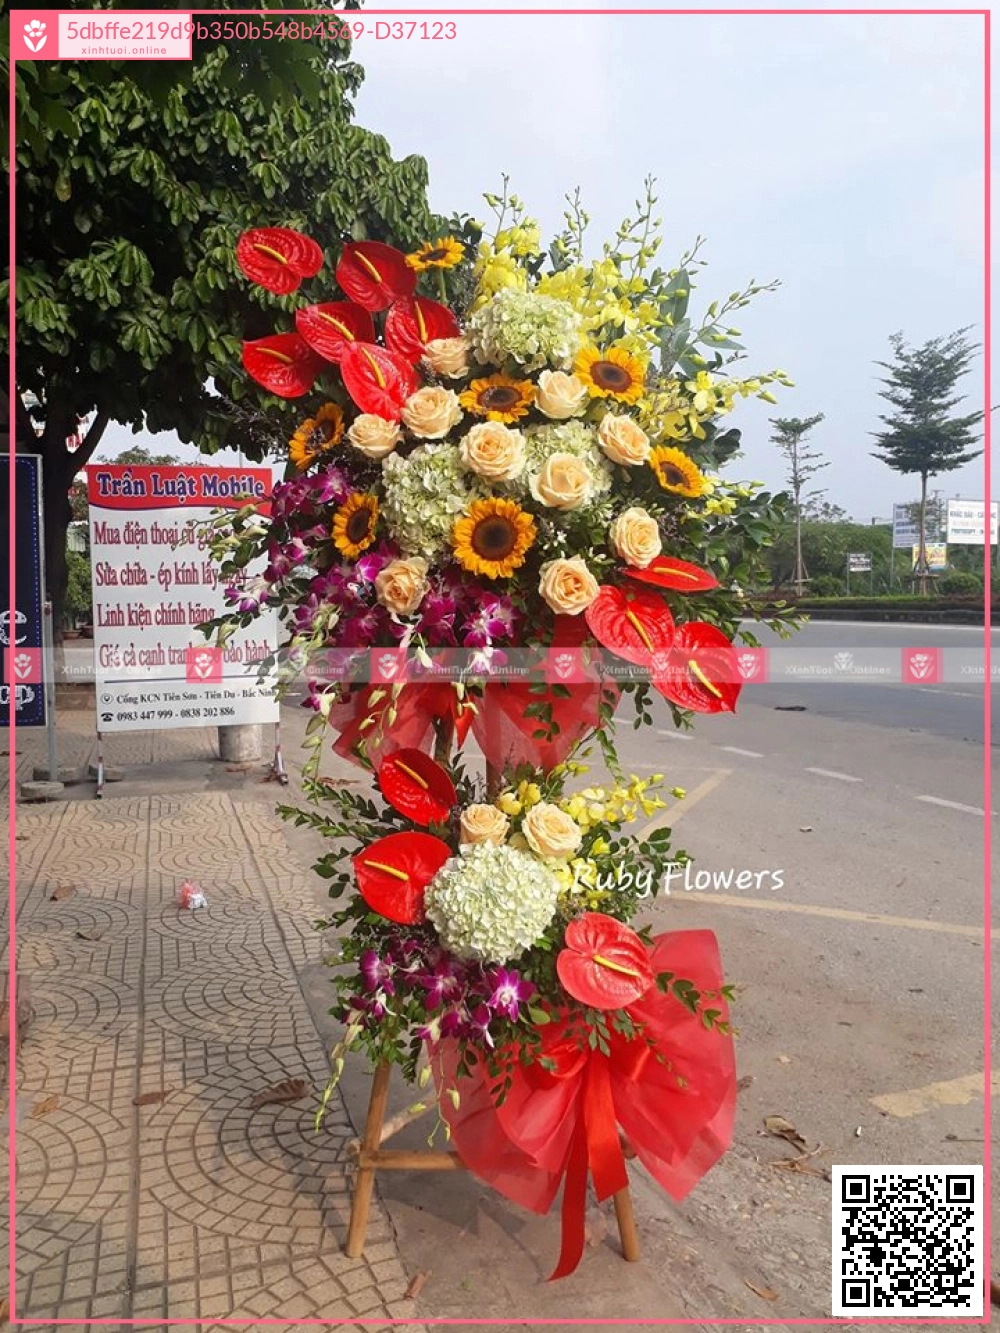 Chung thuỷ - D37123 - xinhtuoi.online